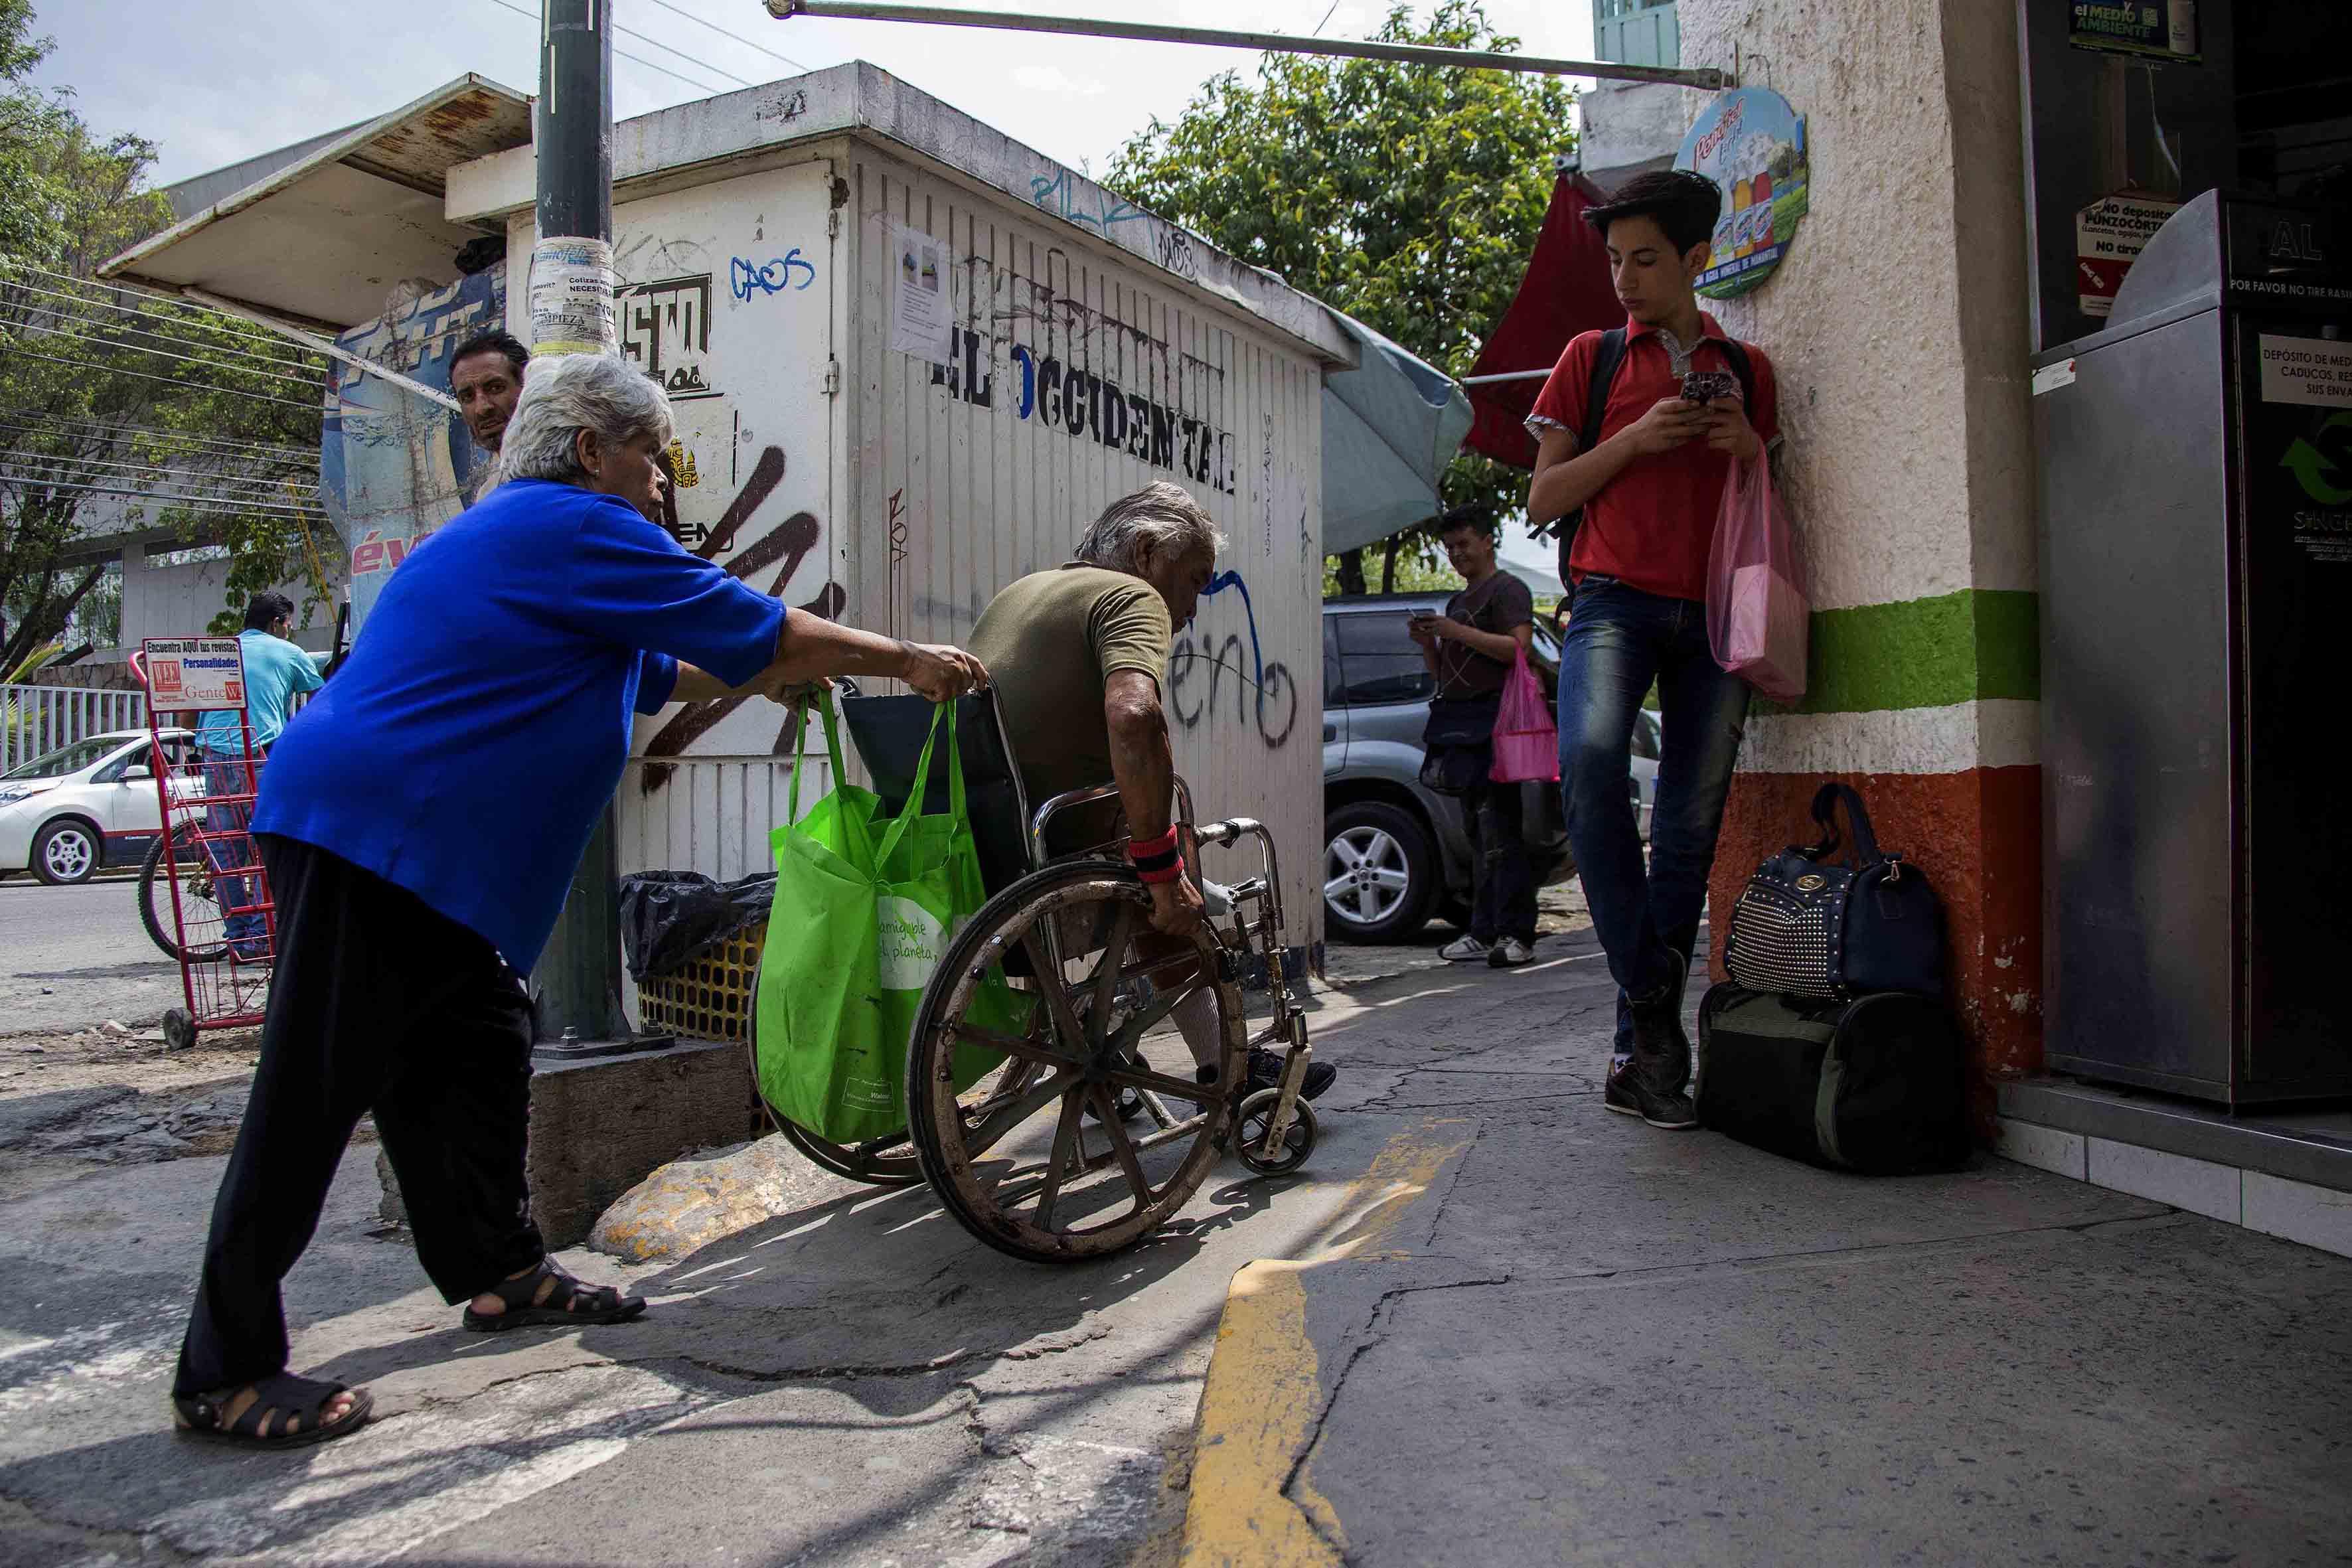 Hombre de la tercera edad, en silla de ruedas tratando de subir por la rampa de una banqueta en estado deporable, con la ayuda de su pareja, también de la tercera edad.